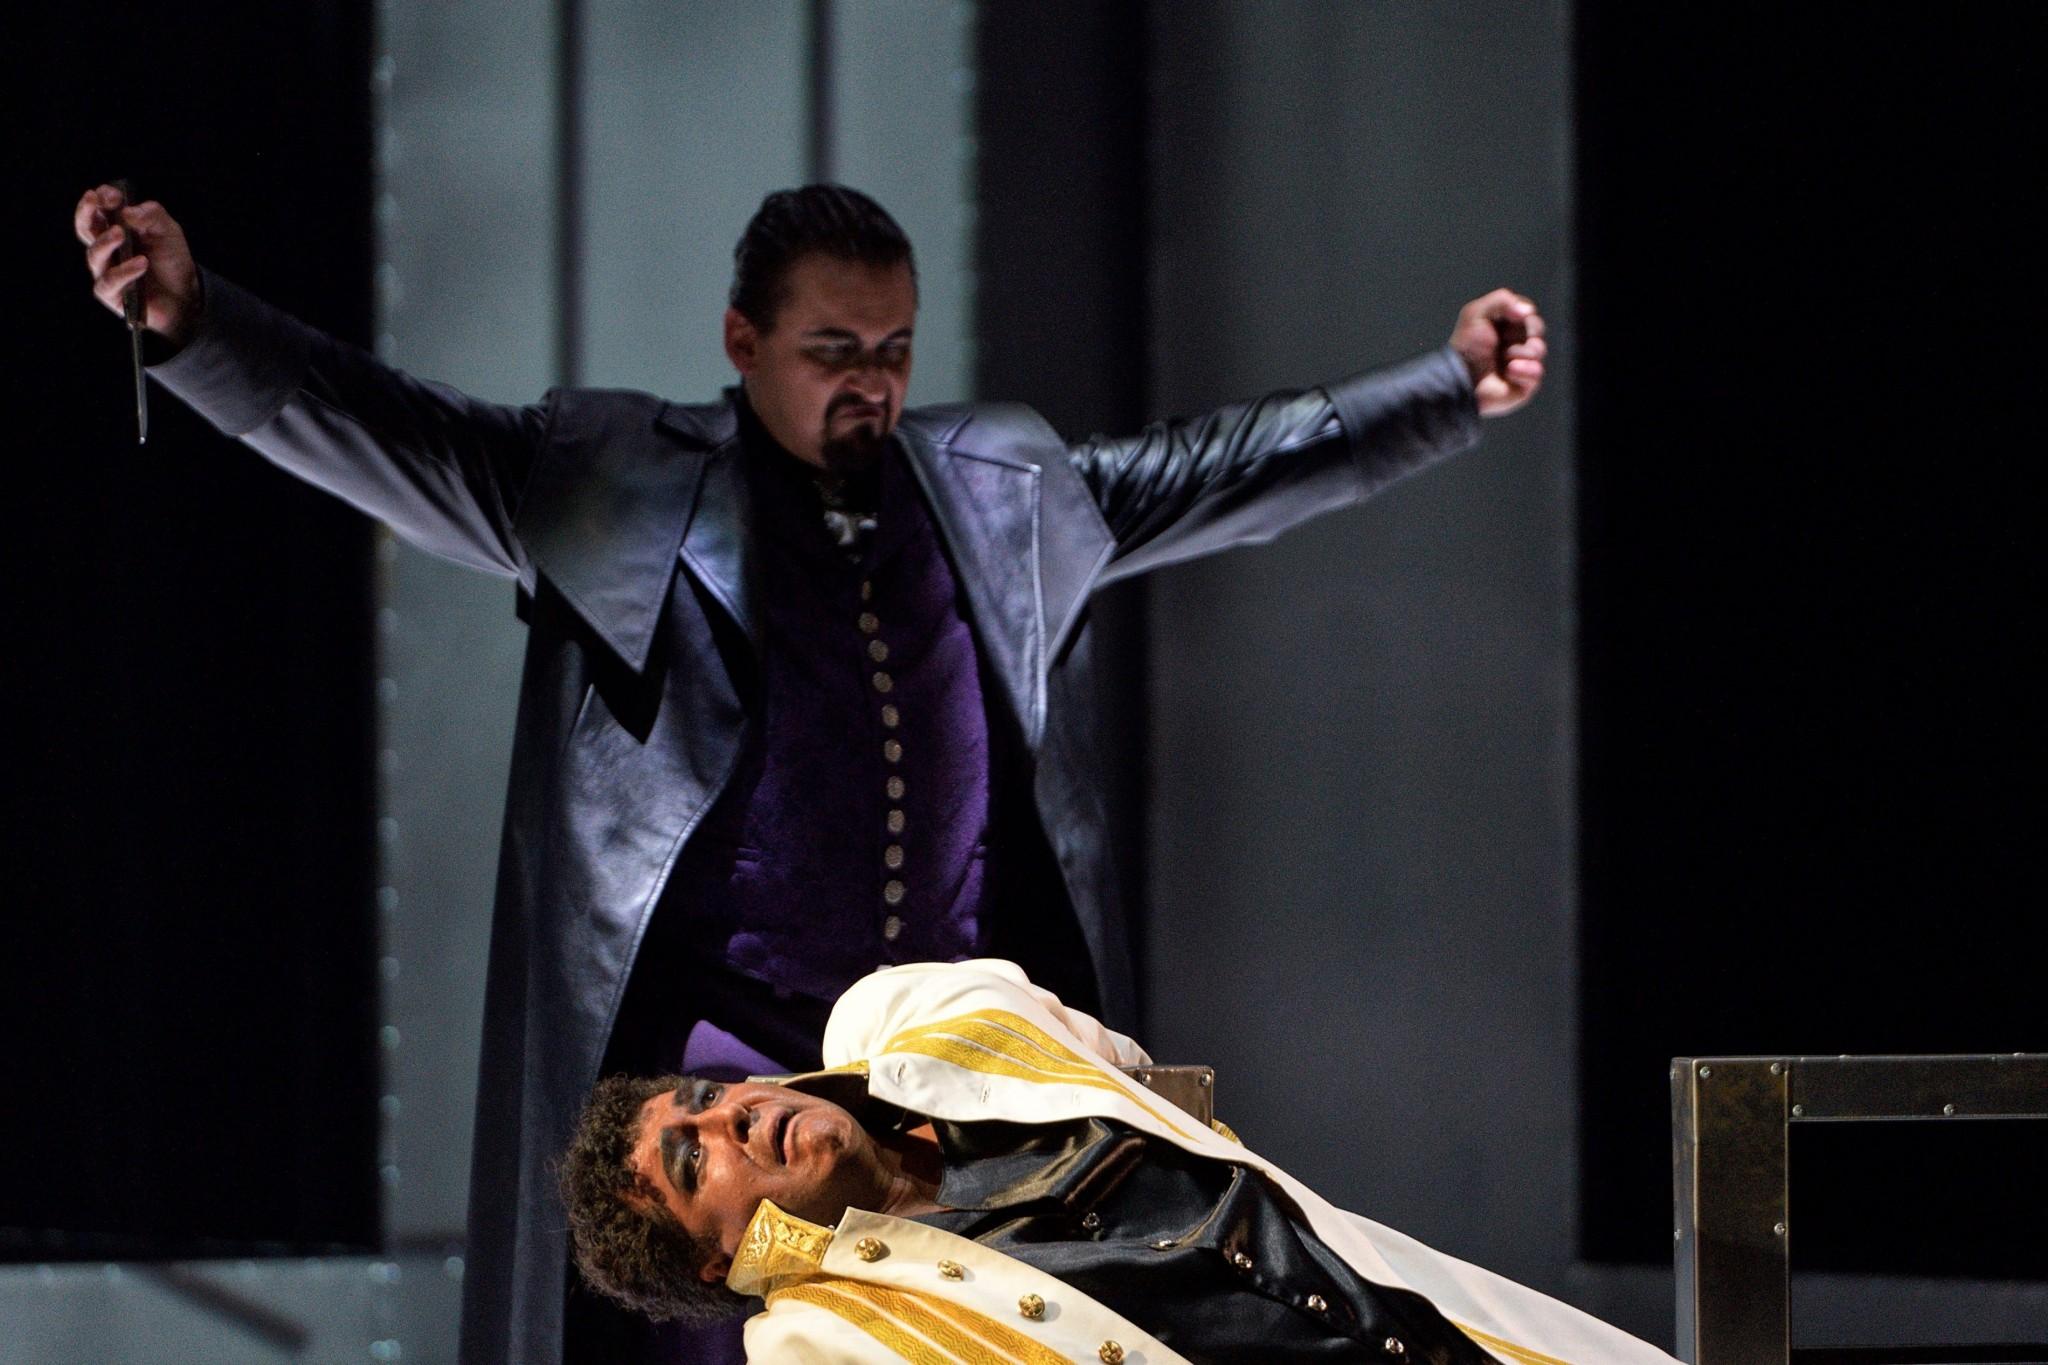 Otello: Iago